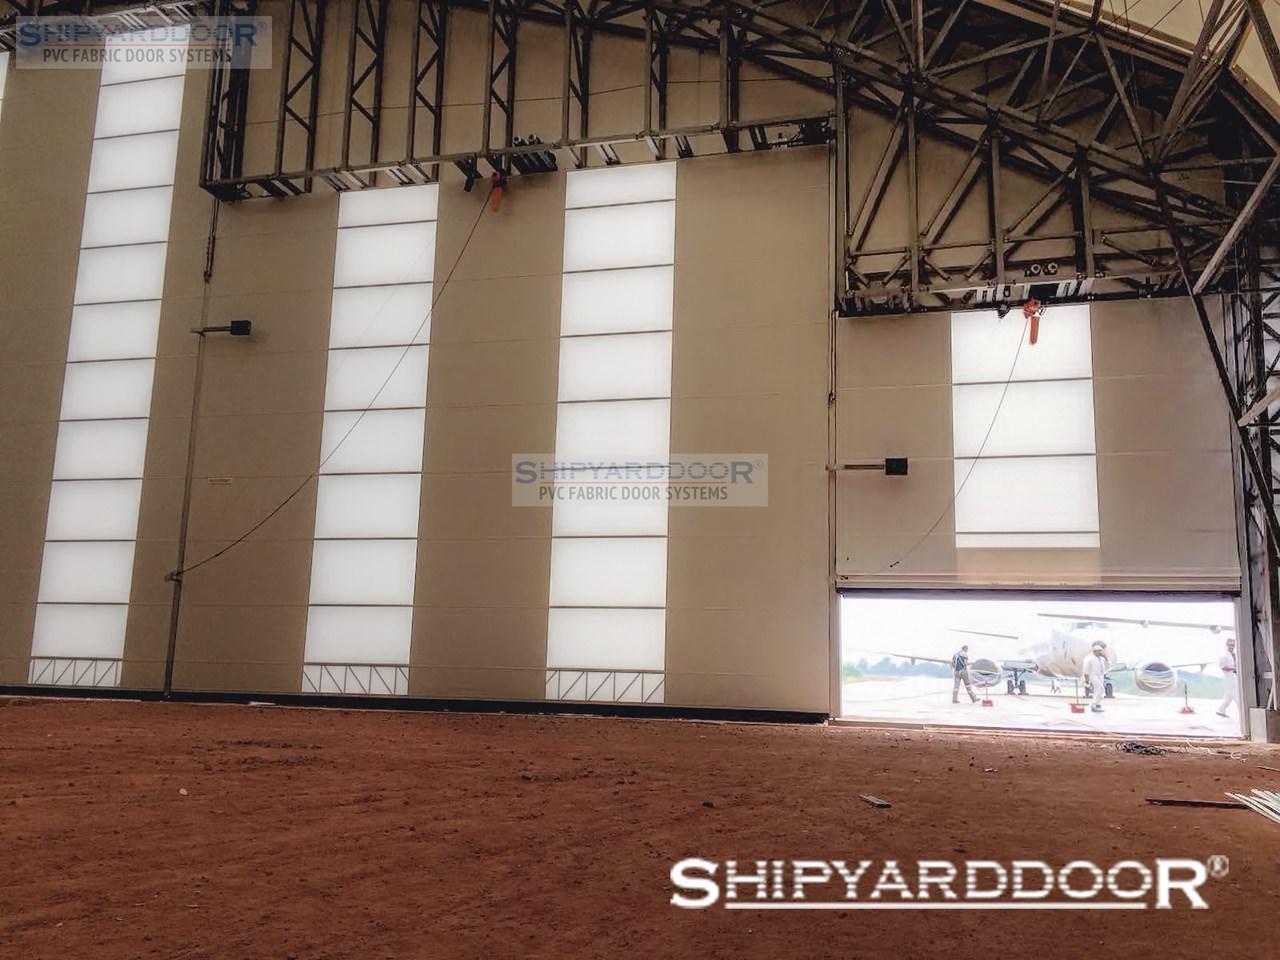 faric hangar door en shipyarddoor